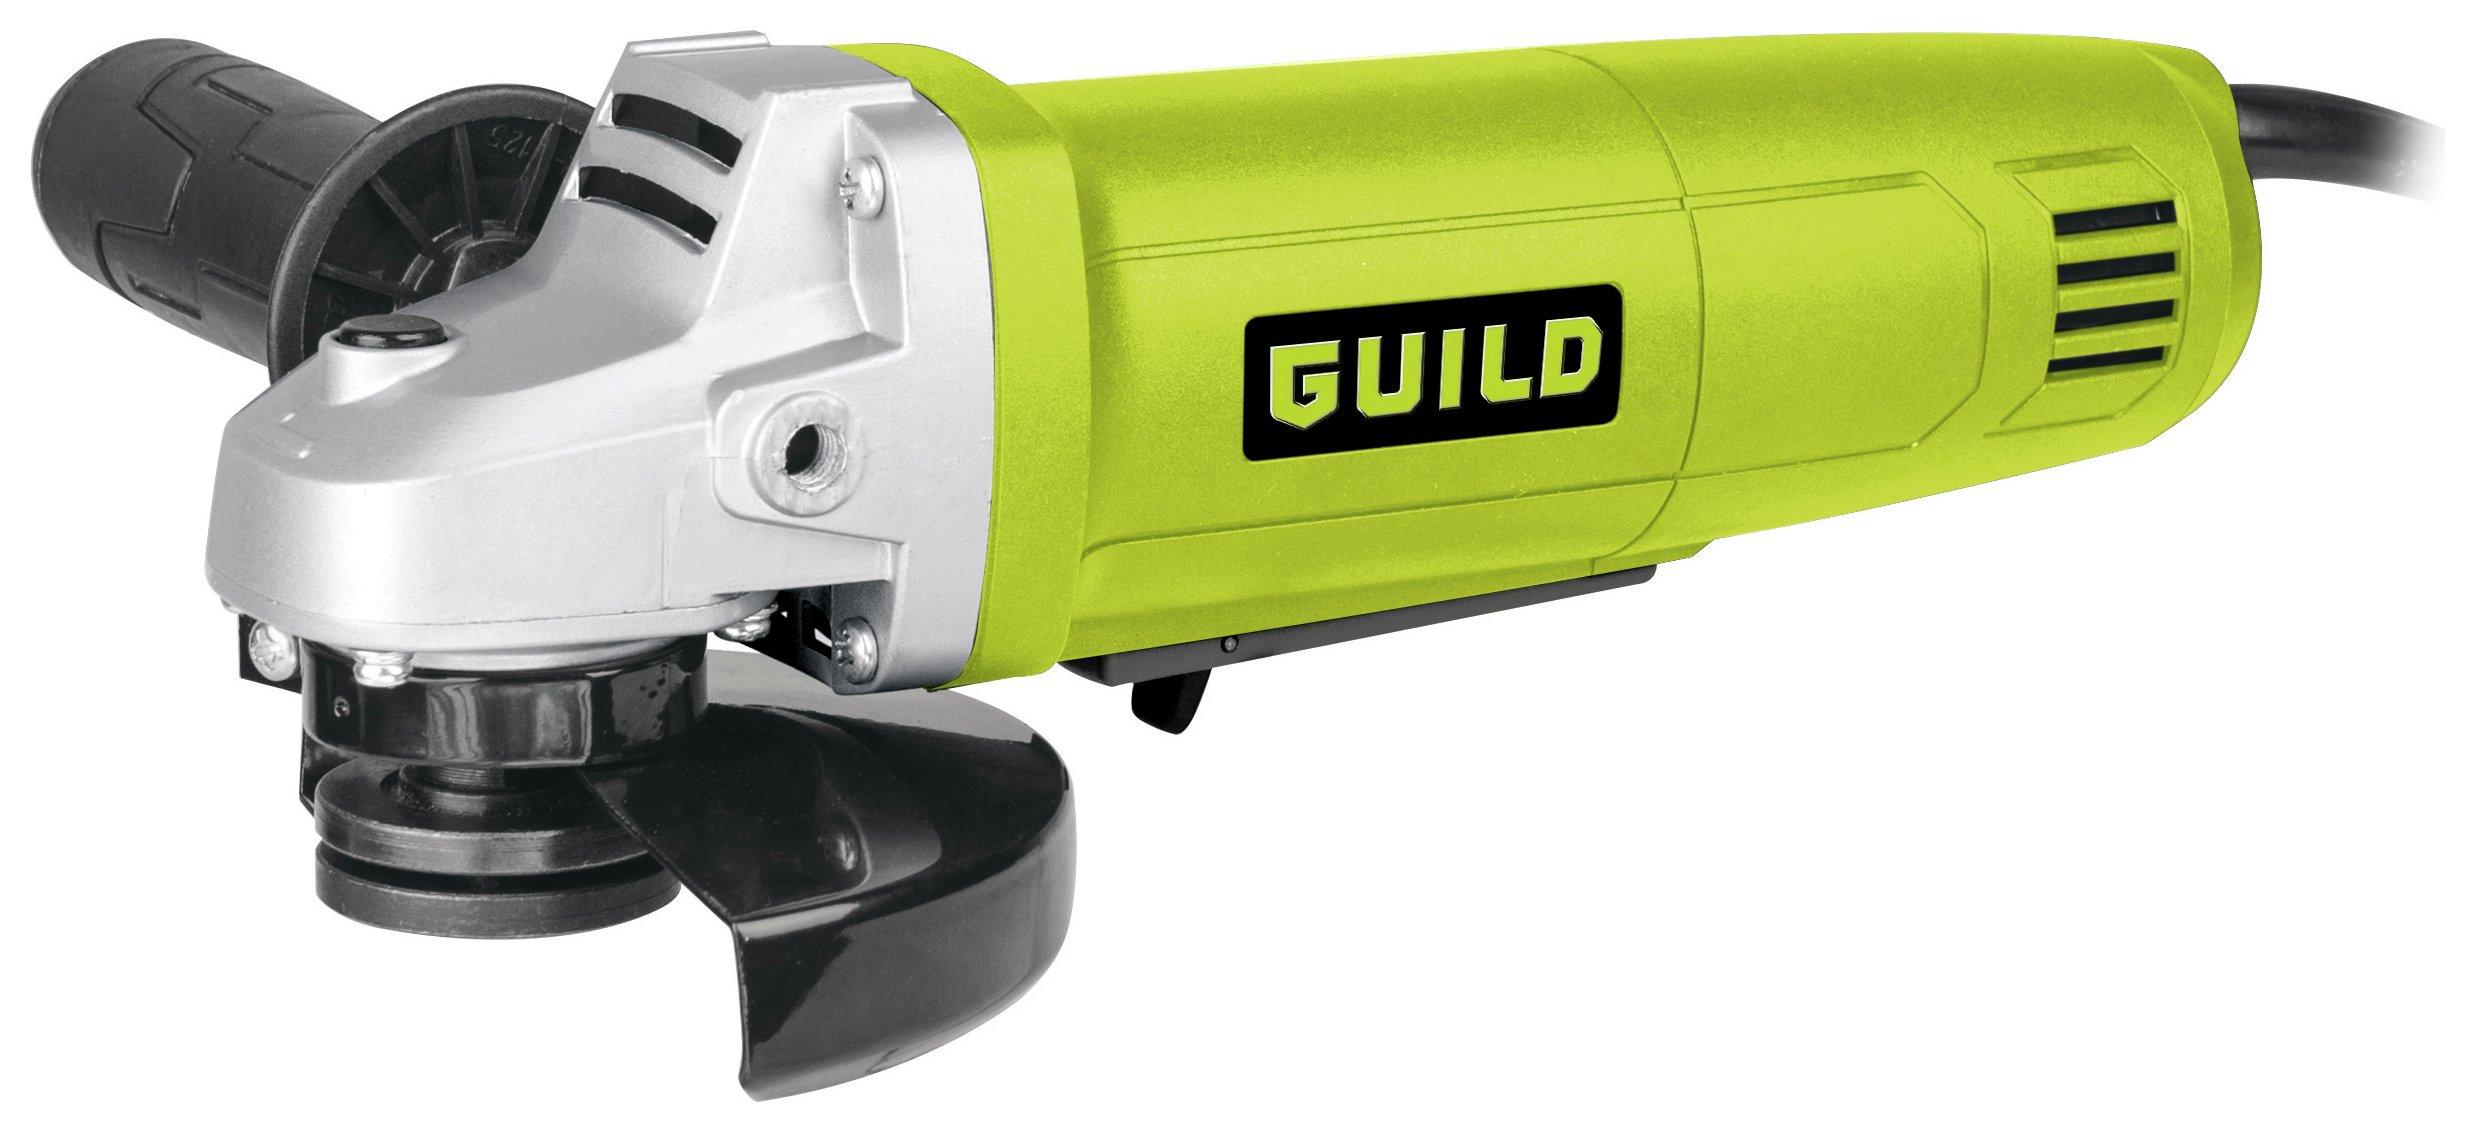 Guild 115mm Angle Grinder - 750W